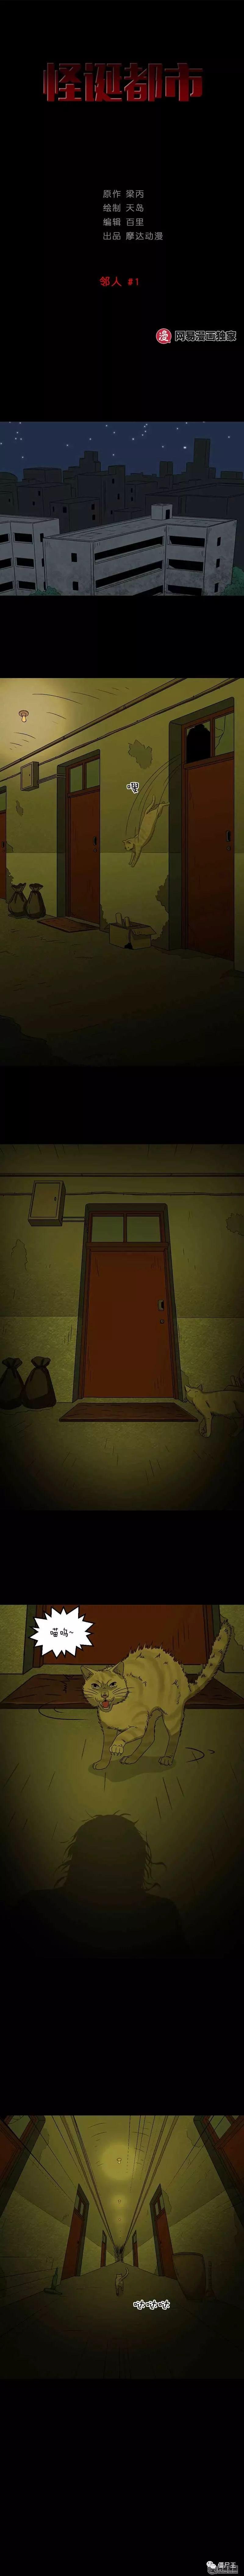 恐怖漫画:怪诞都市之可怕的邻居-僵尸王